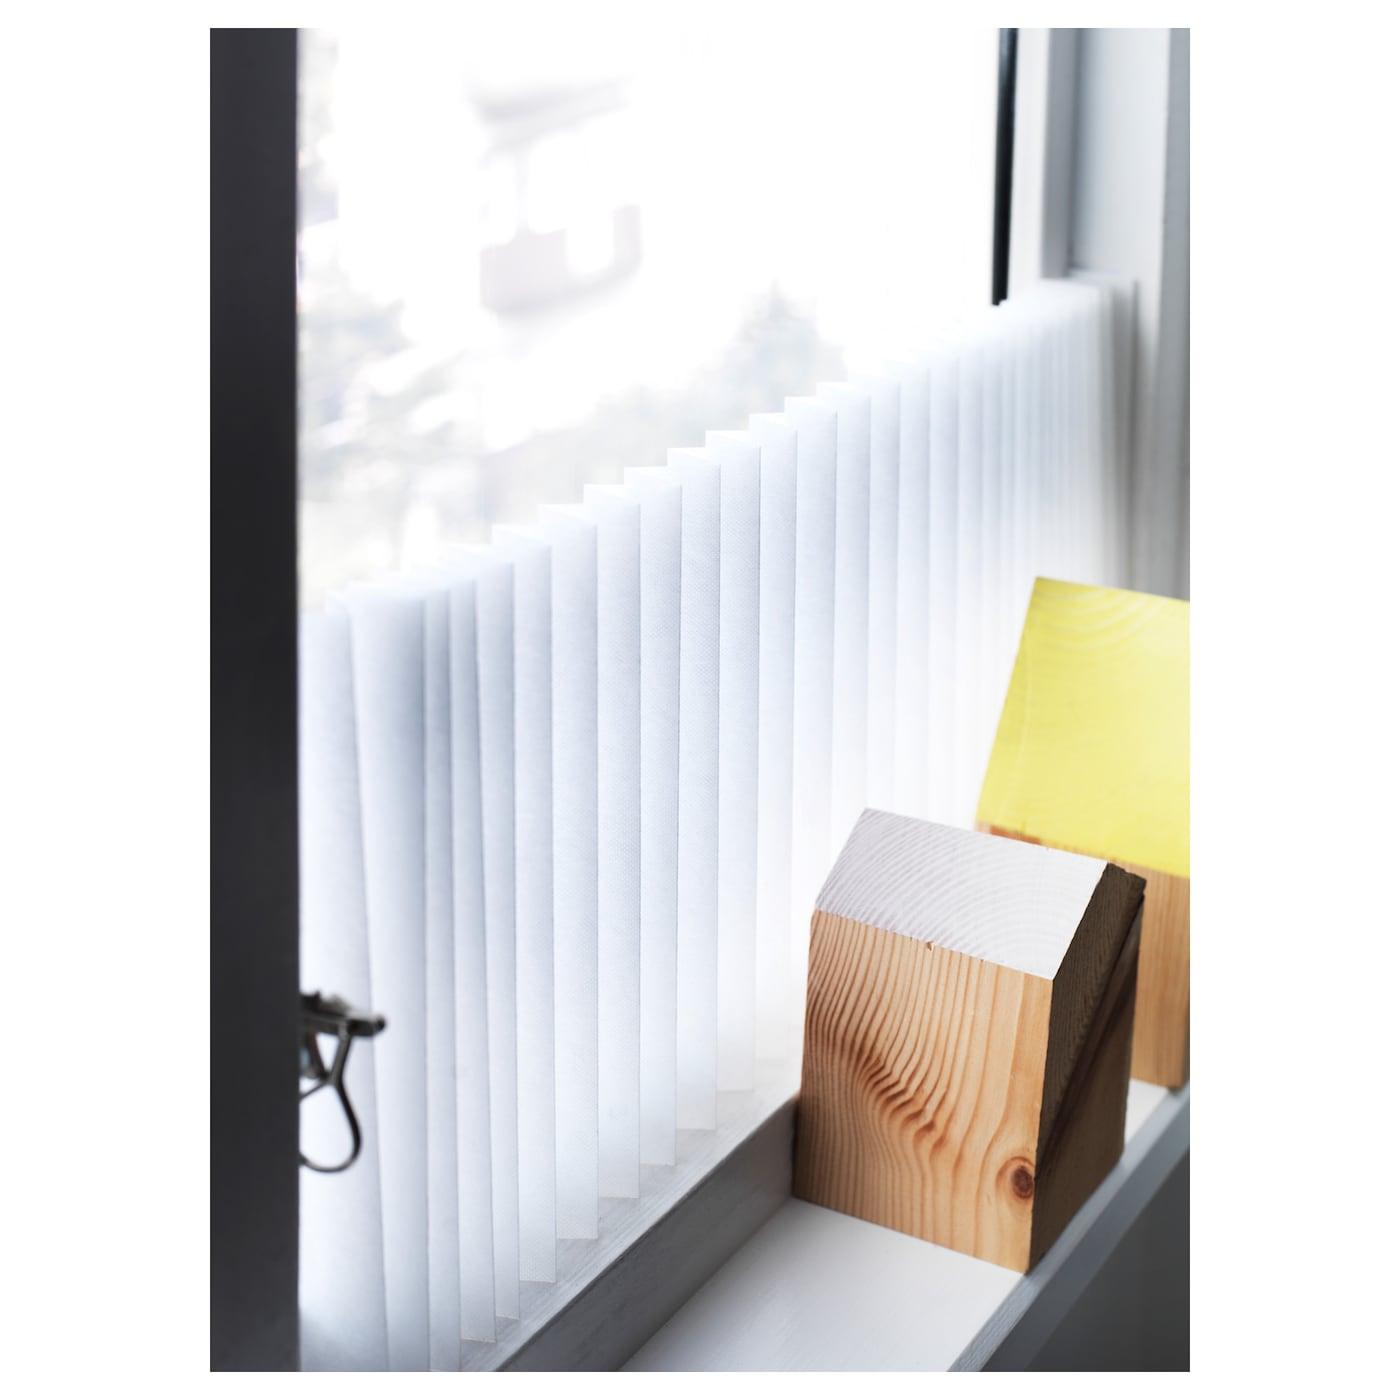 ikea schottis plissgordijn eenvoudig te bevestigen in het raamkozijn boren niet nodig